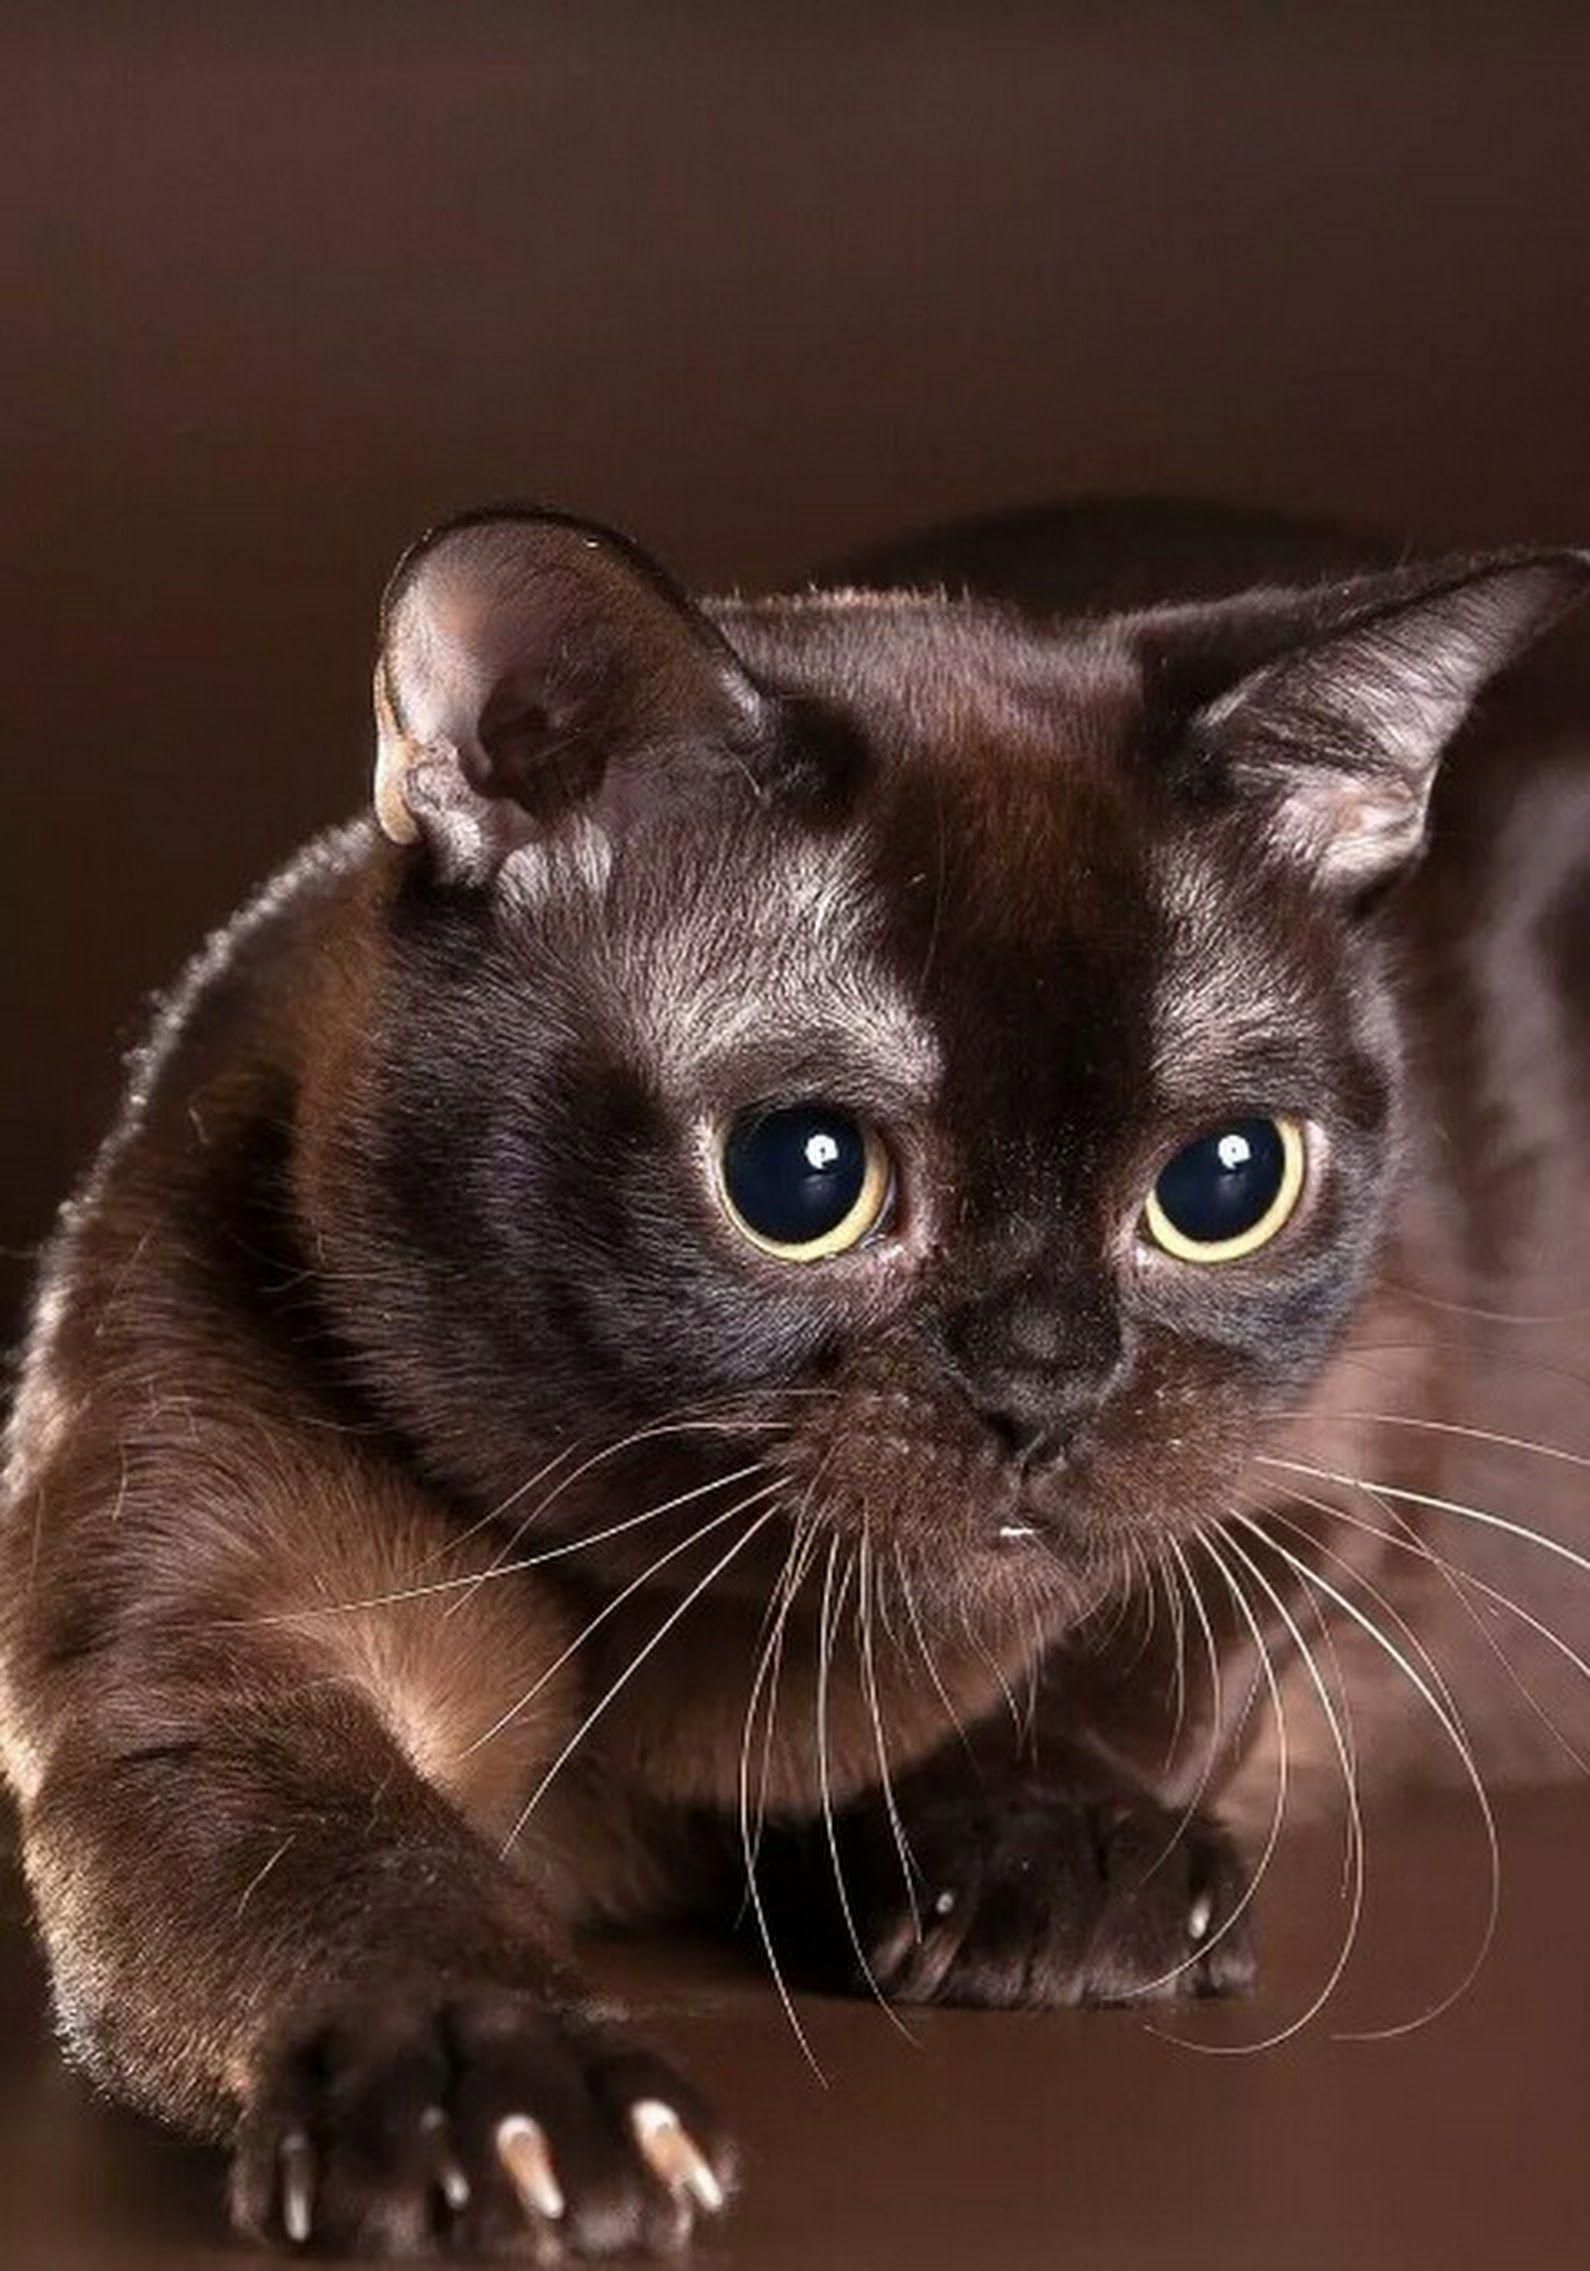 dating hullu kissa nainen Kenmore Jääkaappi jään Maker kytkennät